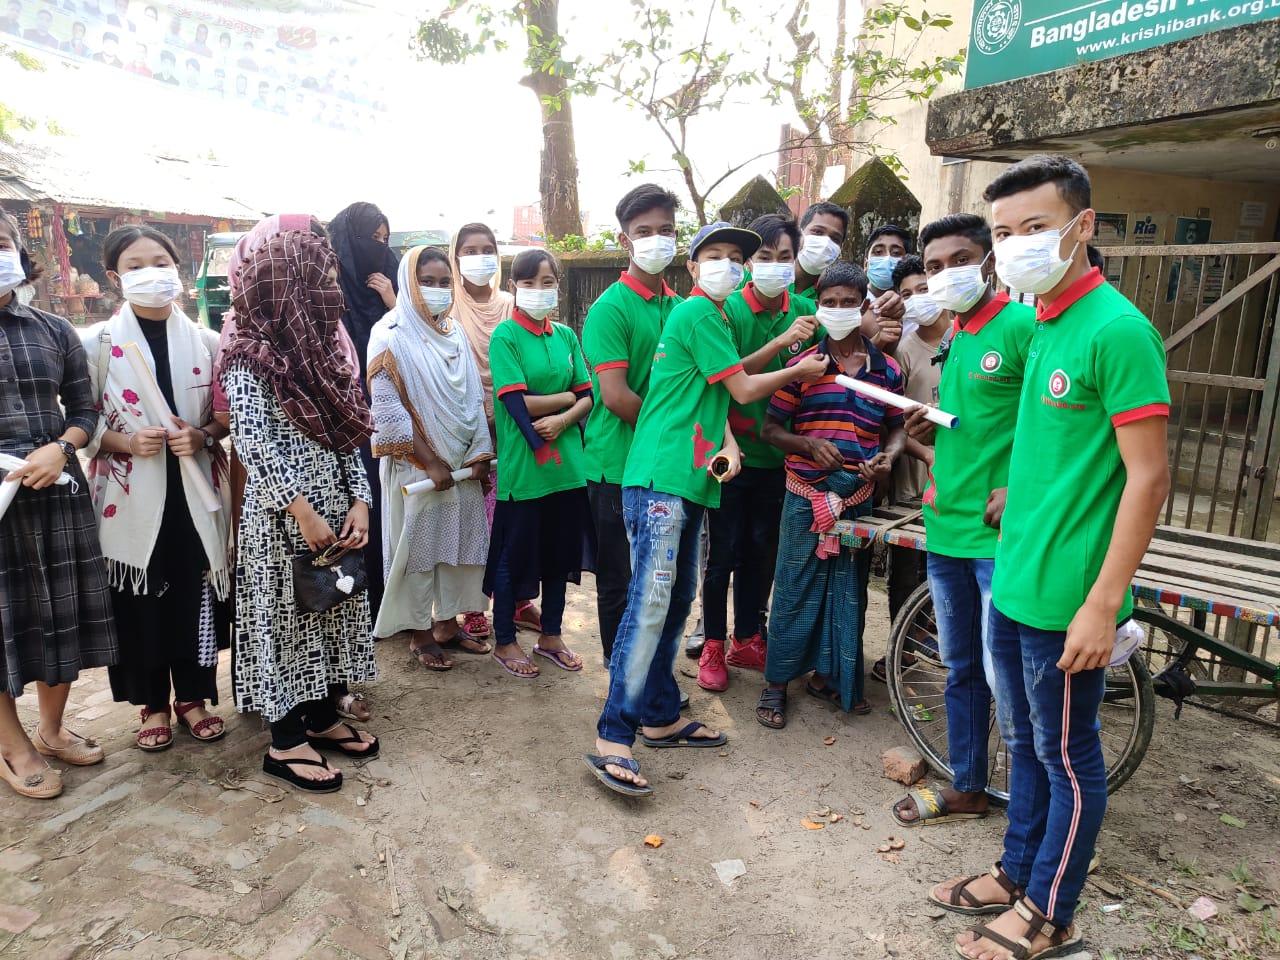 রাঙামাটিতে আন্তর্জাতিক স্বেচ্ছাসেবক দিবস পালিত